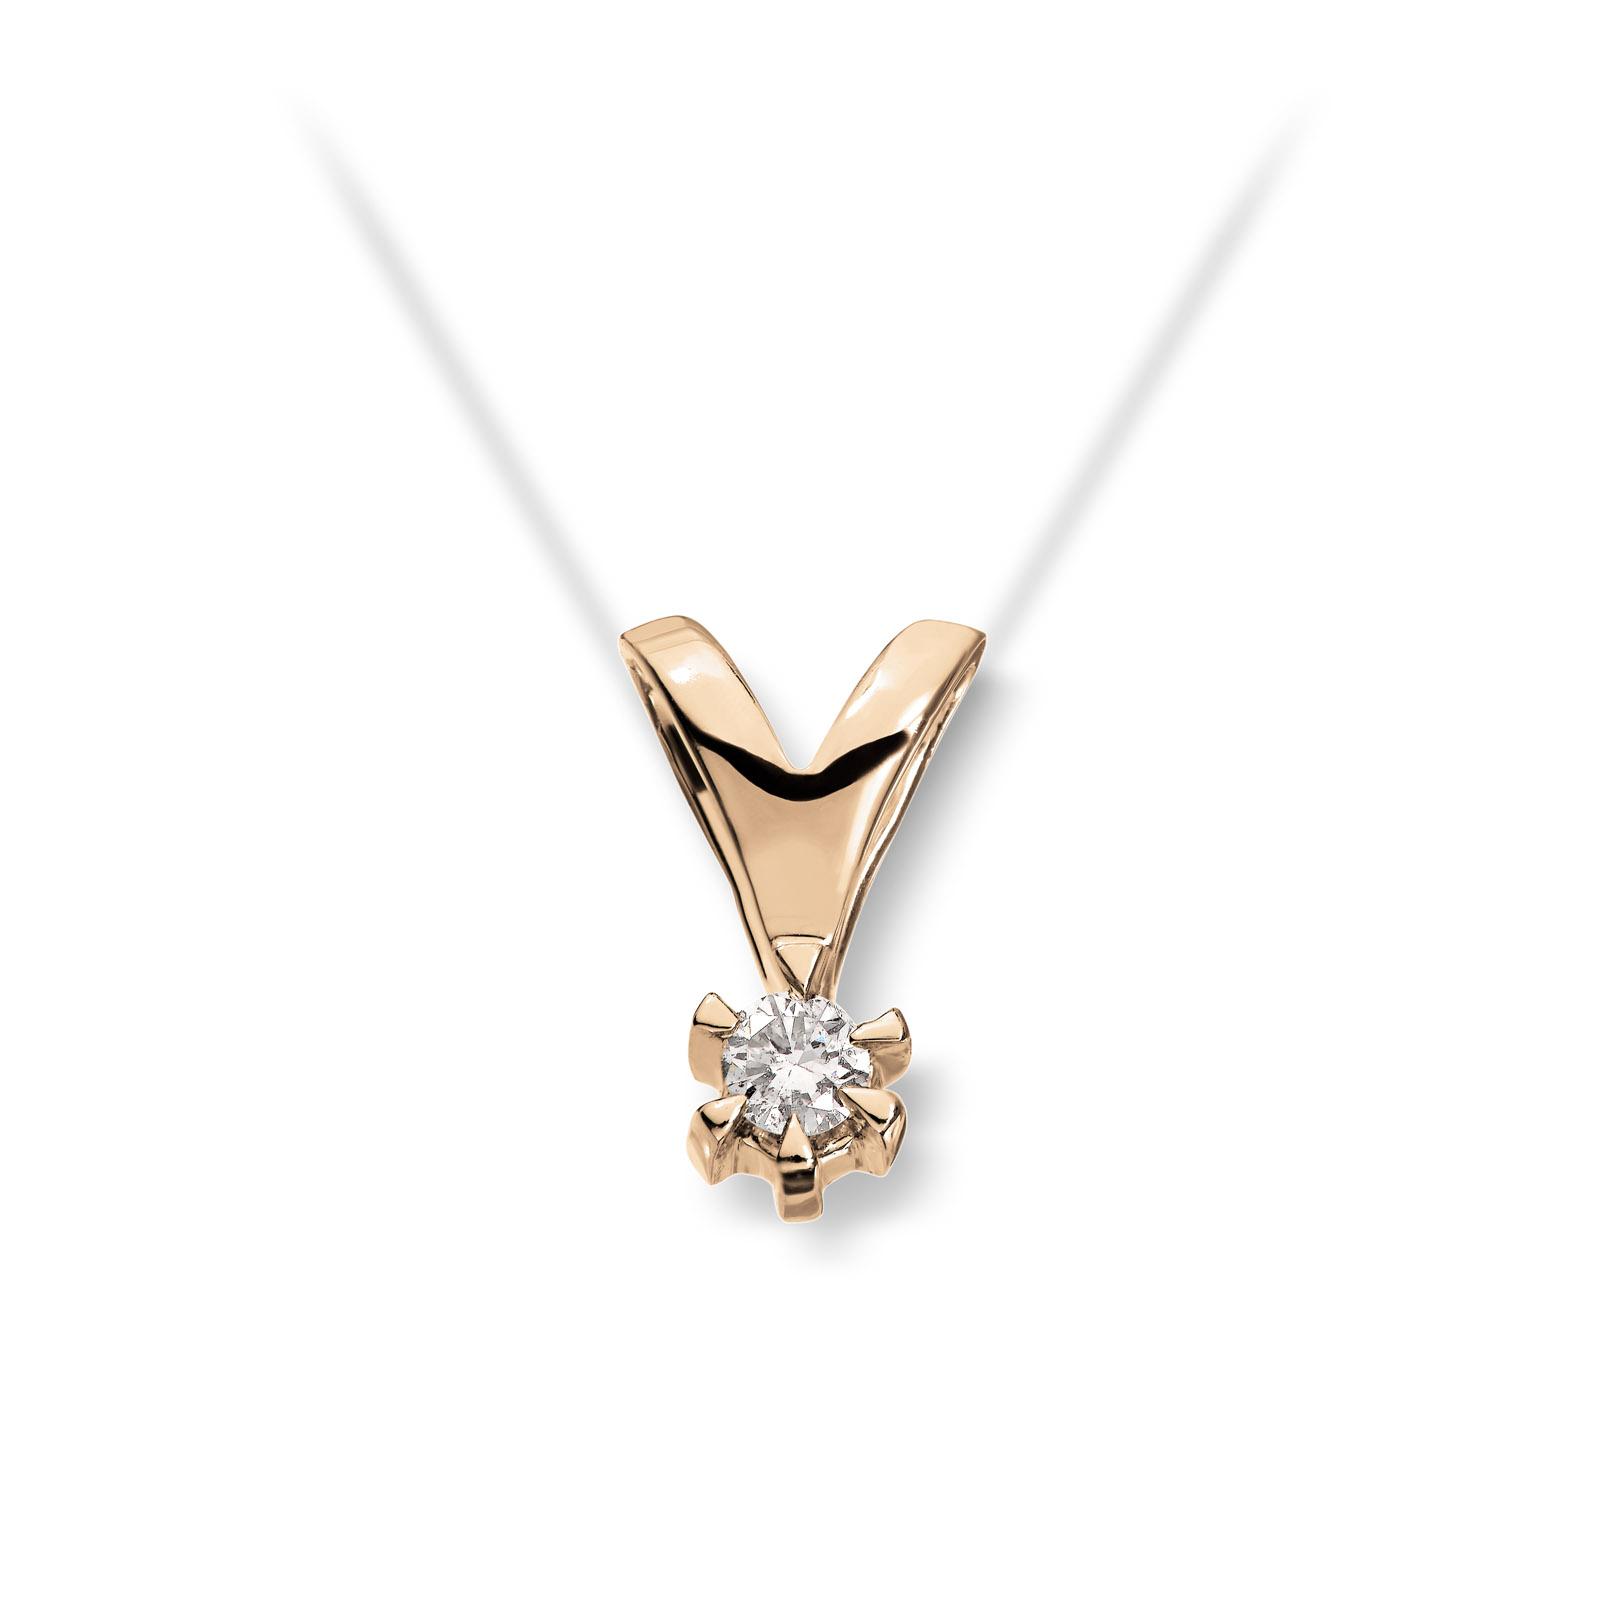 Mestergull Klondike er enstens serien med de gode prisene, et elegant design i gult eller hvitt gull. Diamanten velger du i størrelsene 0,03 ct. til 0,20 ct. KLONDIKE Anheng